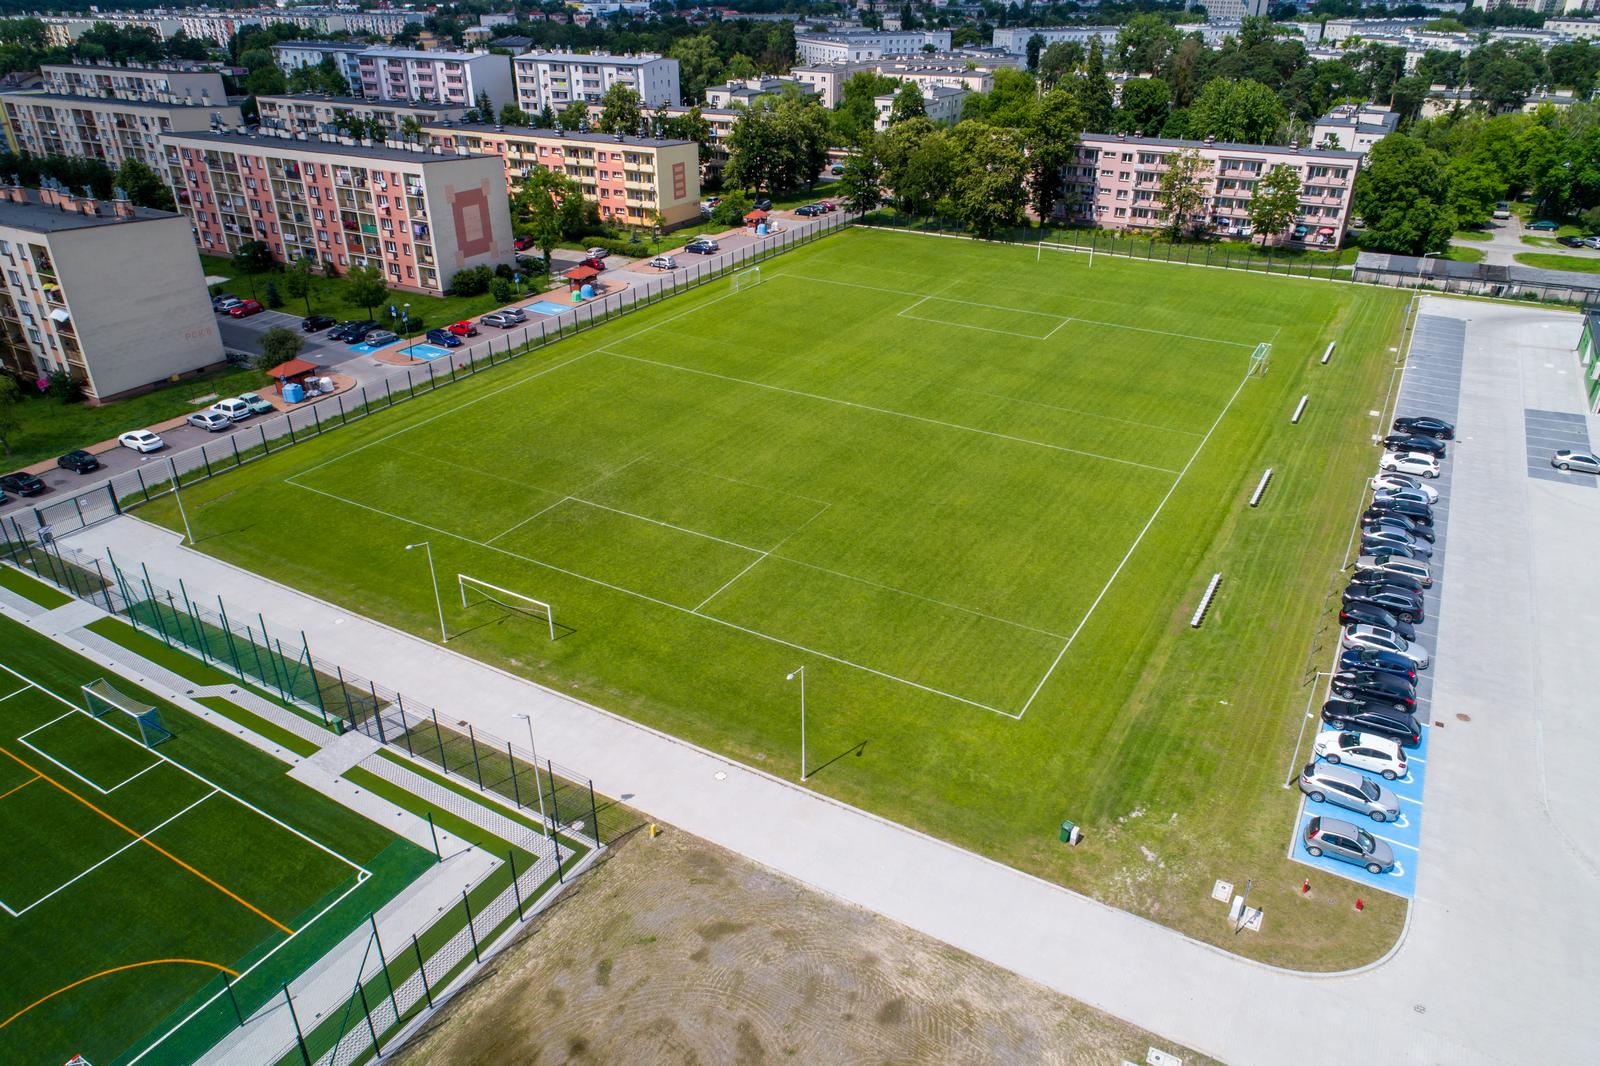 Podkarpackie Centrum Piłki Nożnej wStalowej Woli